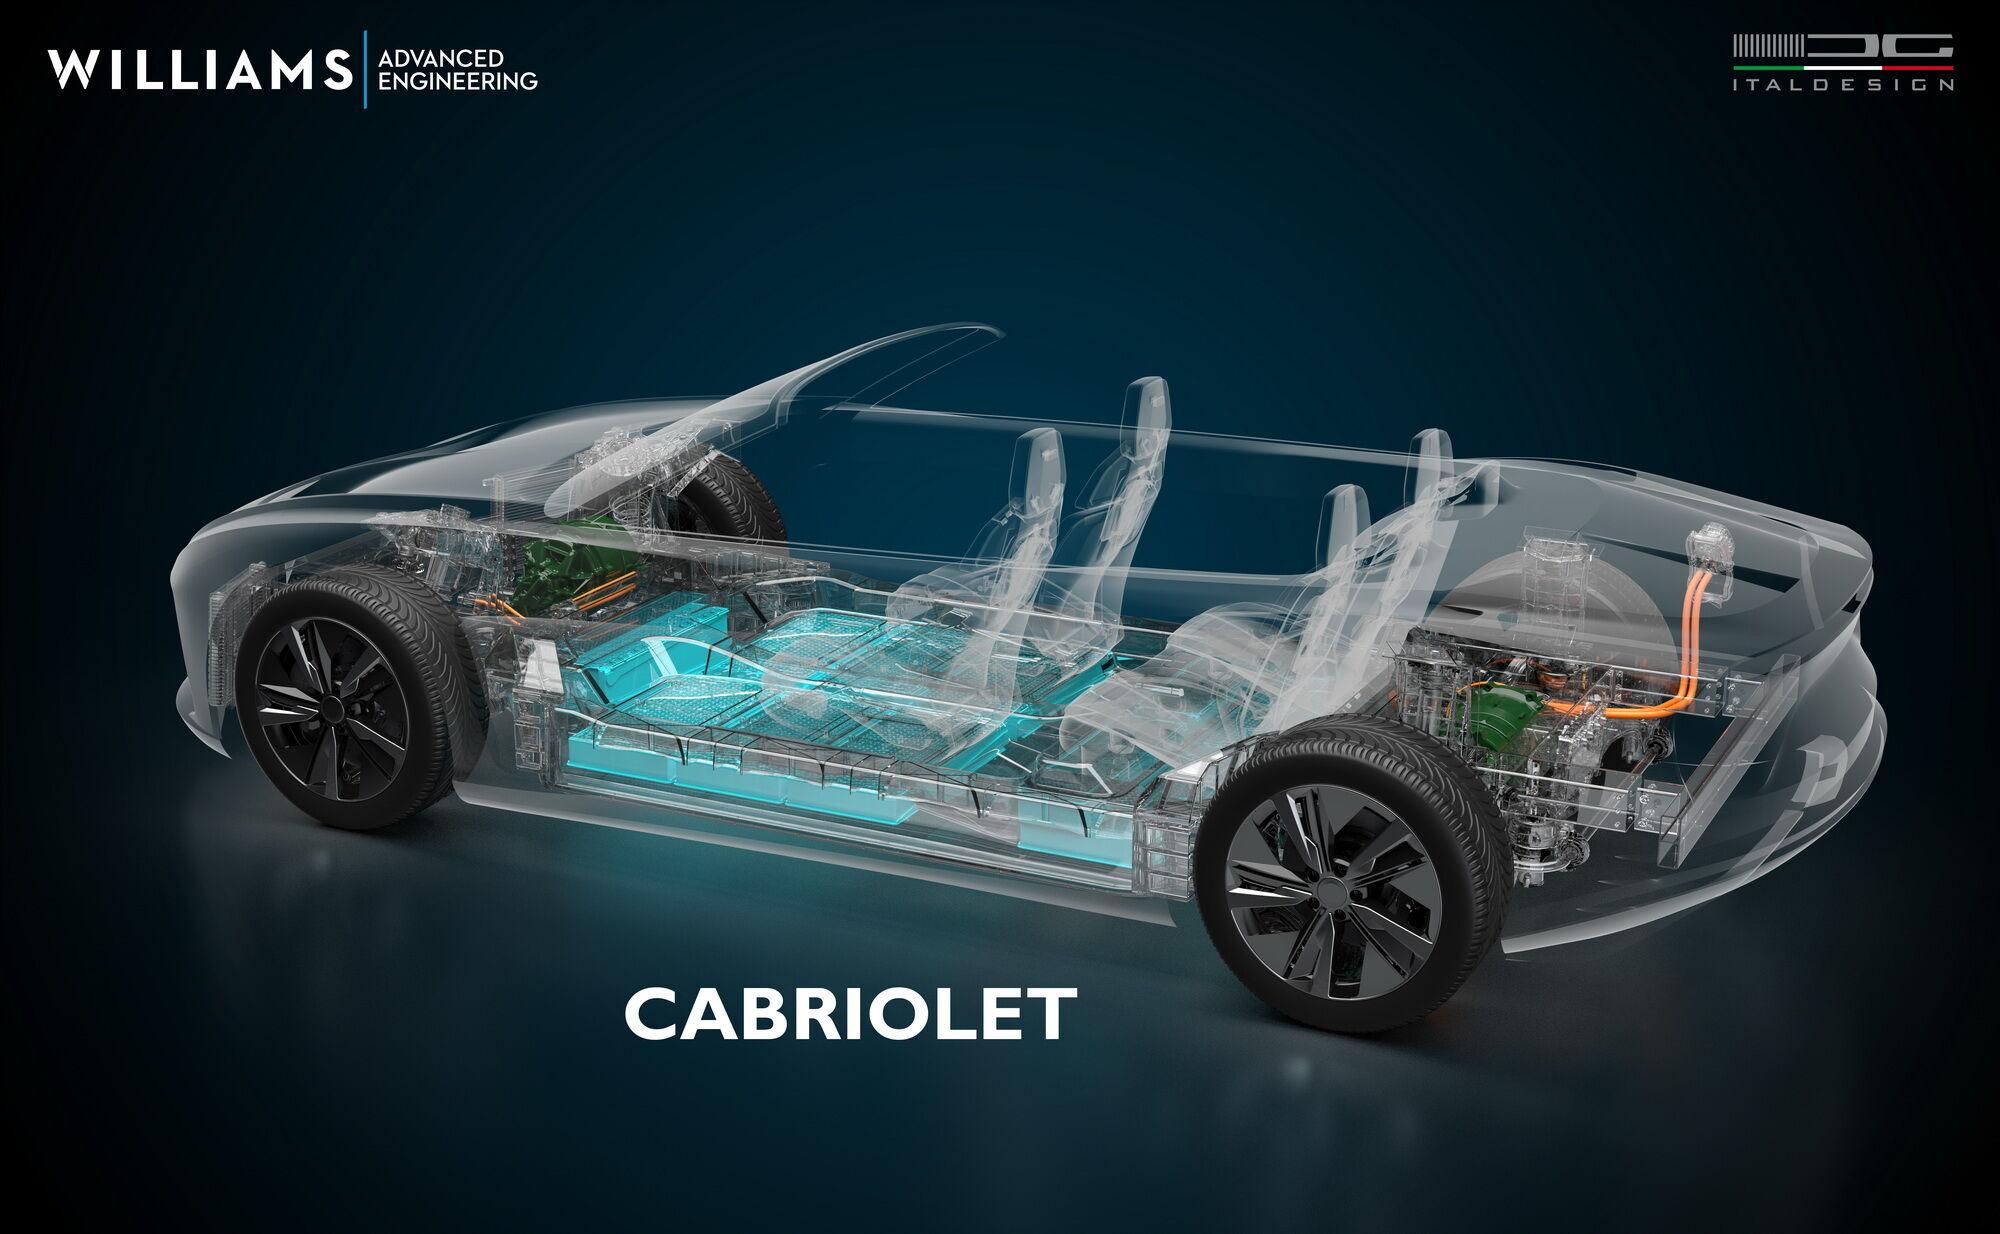 Электромоторы смогут развивать мощность порядка 1000 кВт (1360 л.с.)